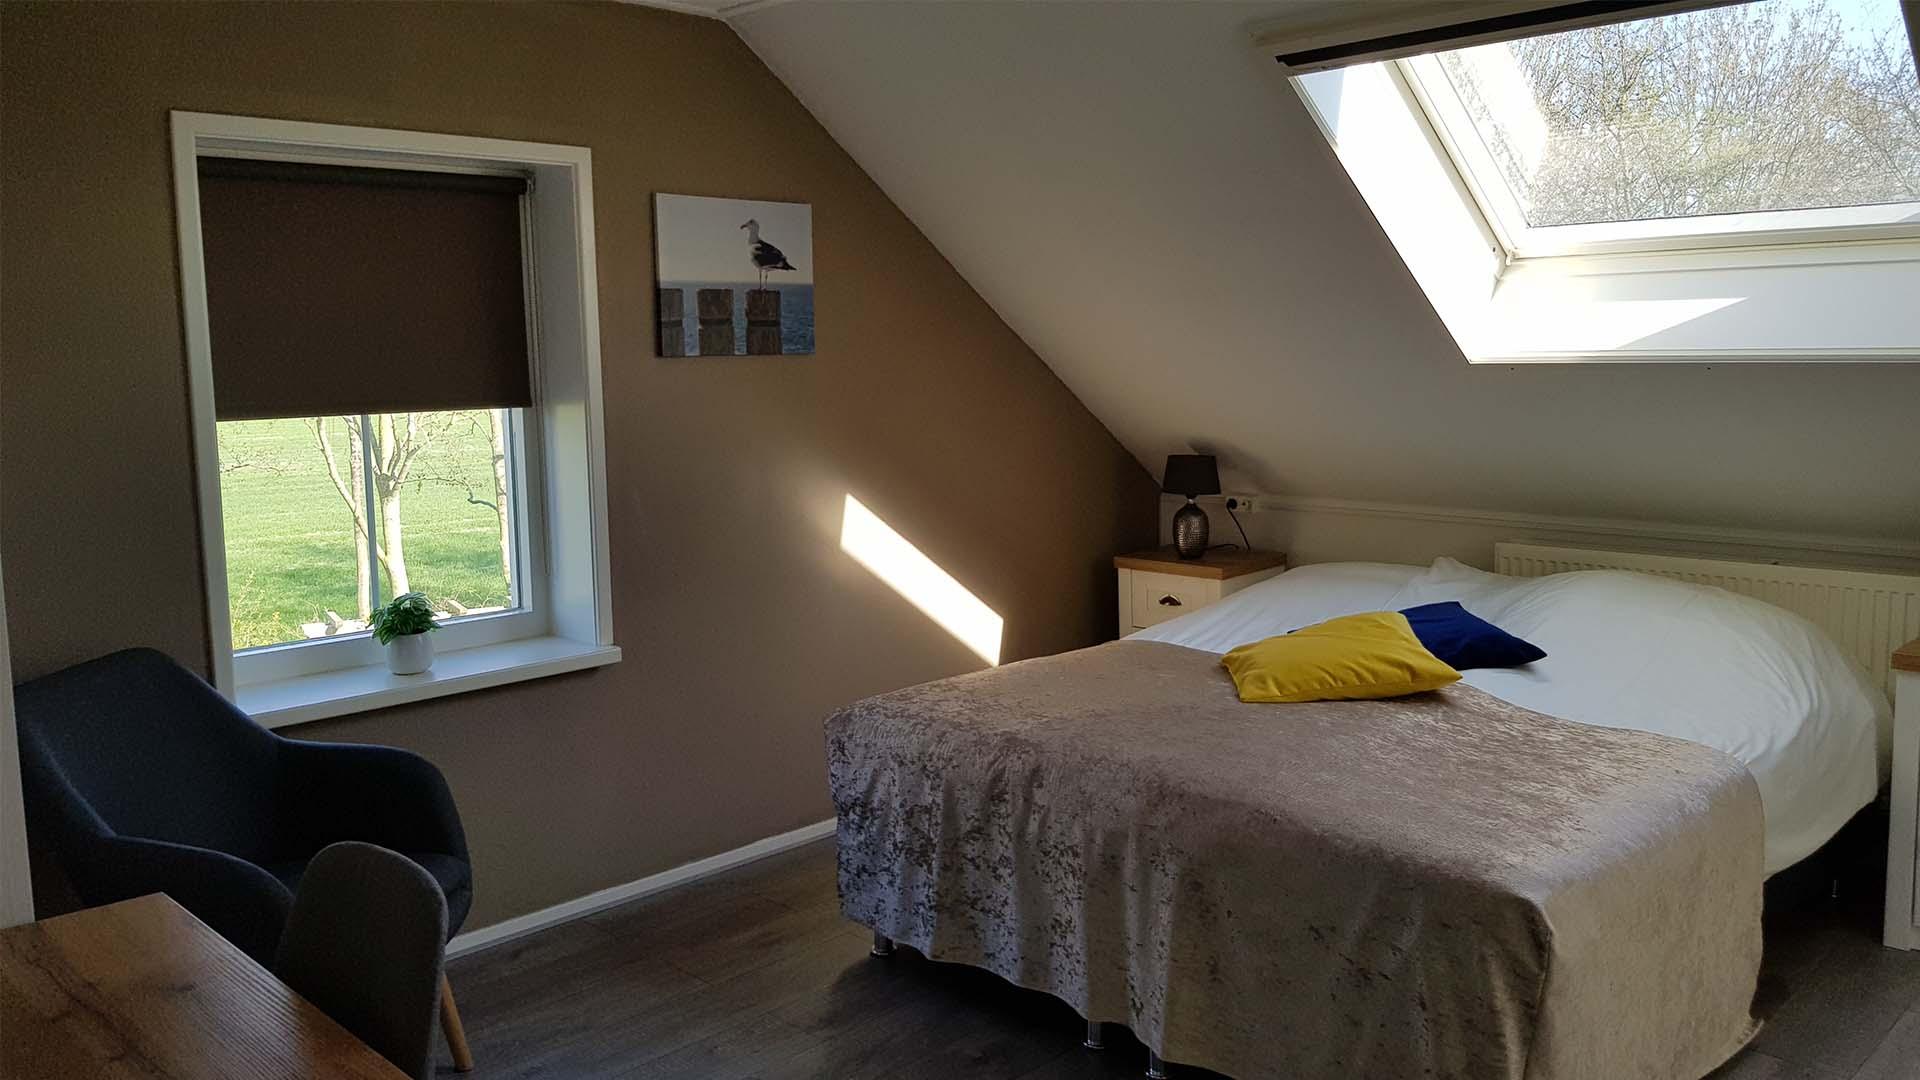 kamer 2 bed B&B Plompetorenzicht Burg-Haamstede Zeeland